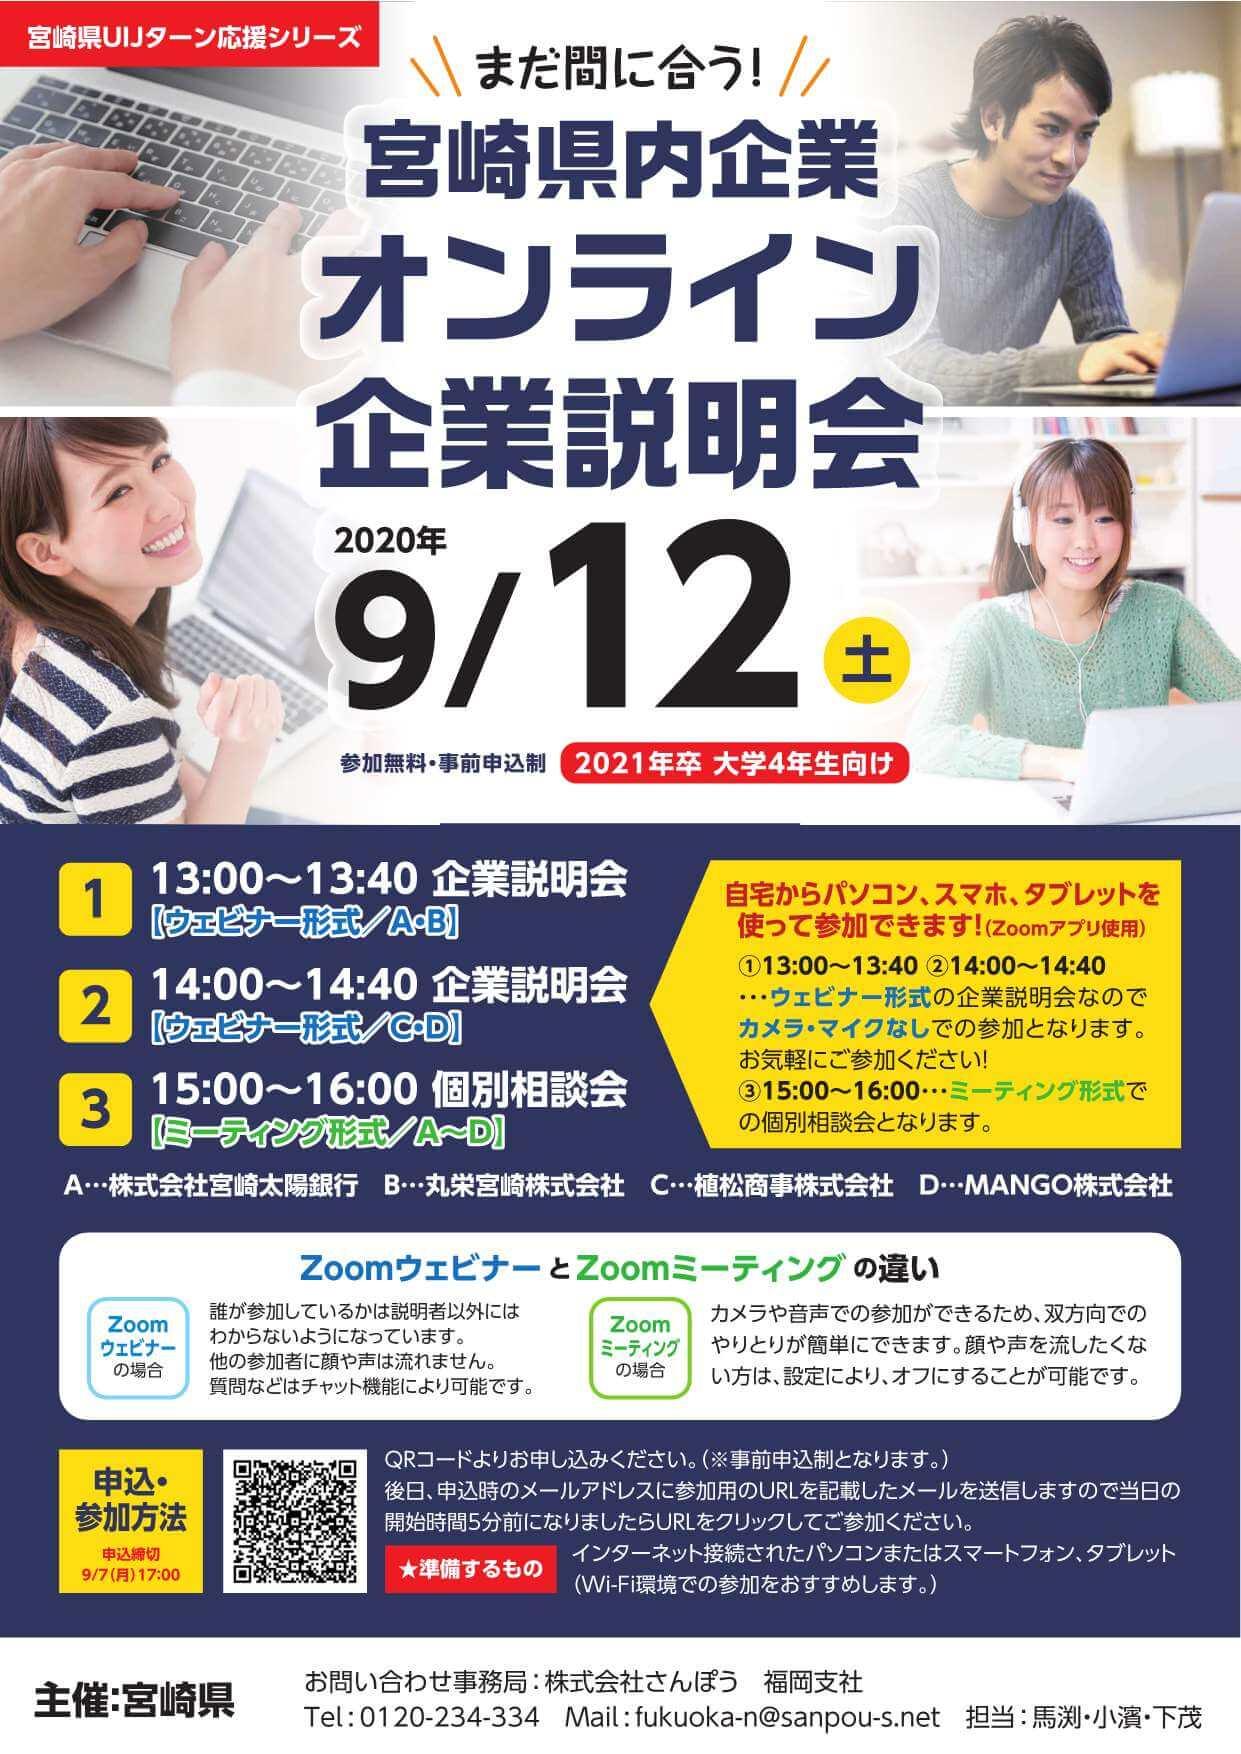 20200901_宮崎県_宮崎オンライン企業説明会